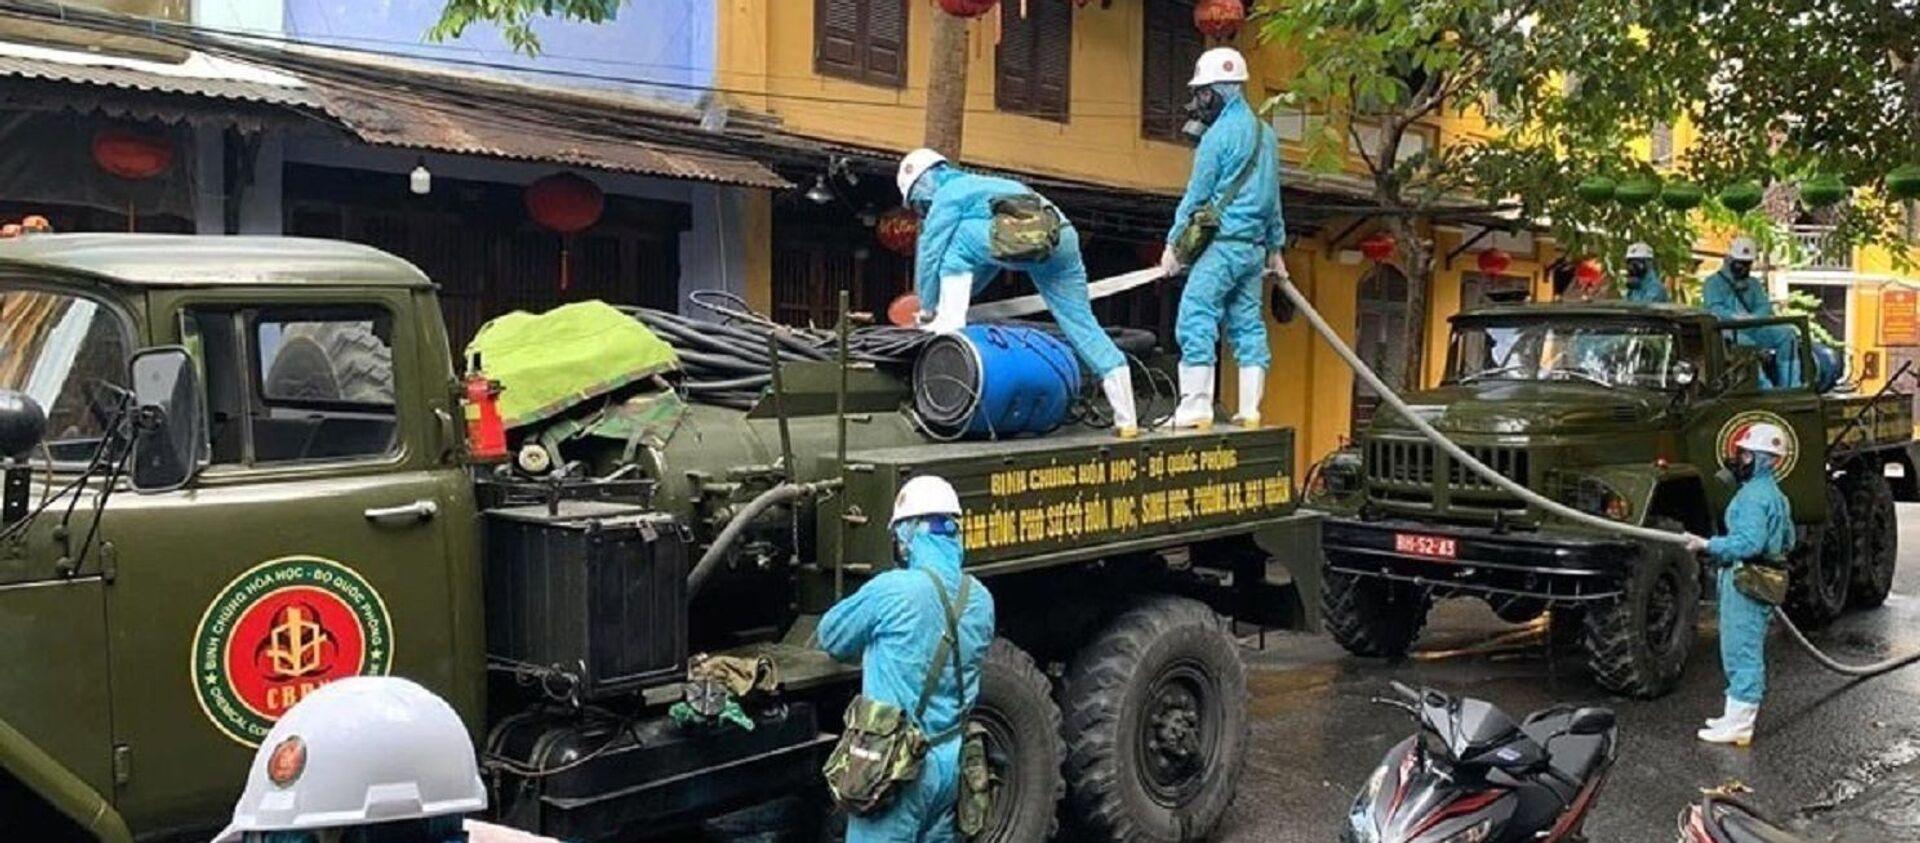 Lực lượng quân đội phun hóa chất khử trùng trên các tuyến phố trọng điểm ở phố cổ Hội An - Sputnik Việt Nam, 1920, 02.08.2020